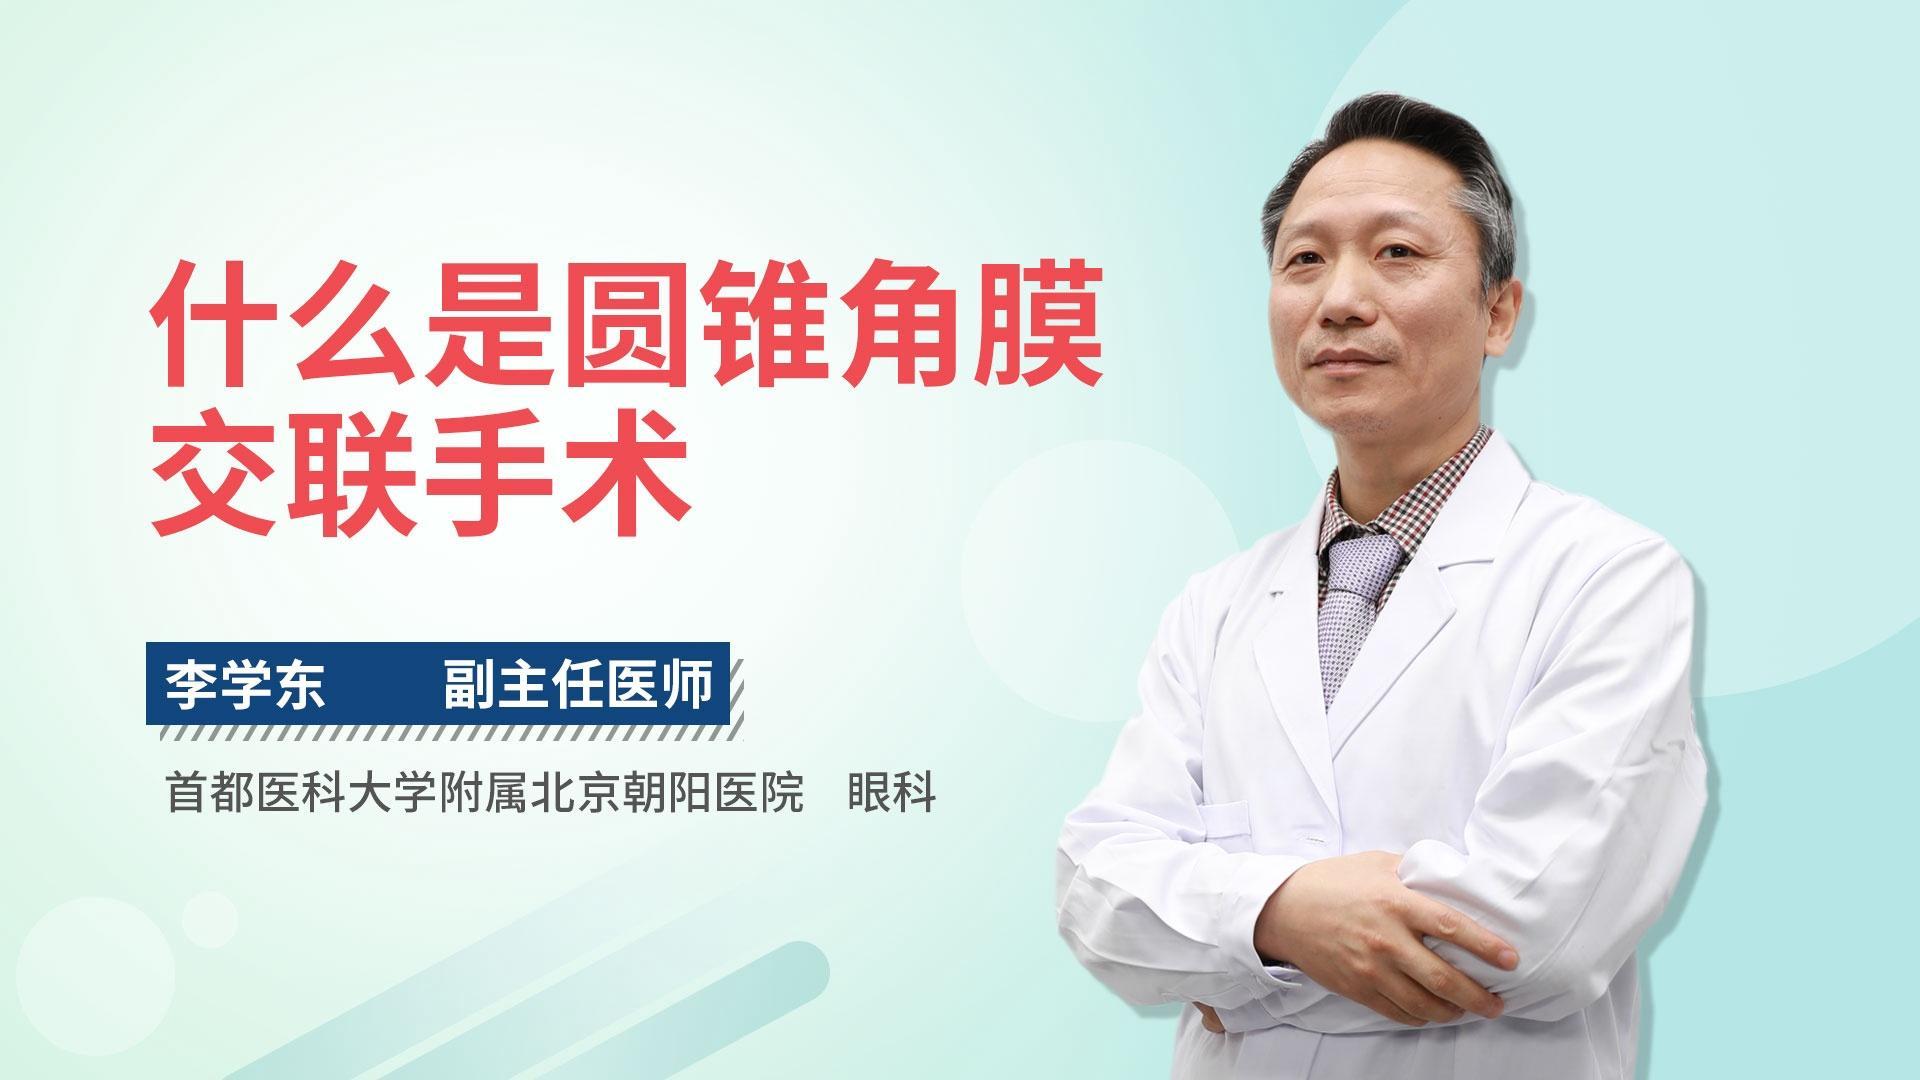 什么是圆锥角膜交联手术